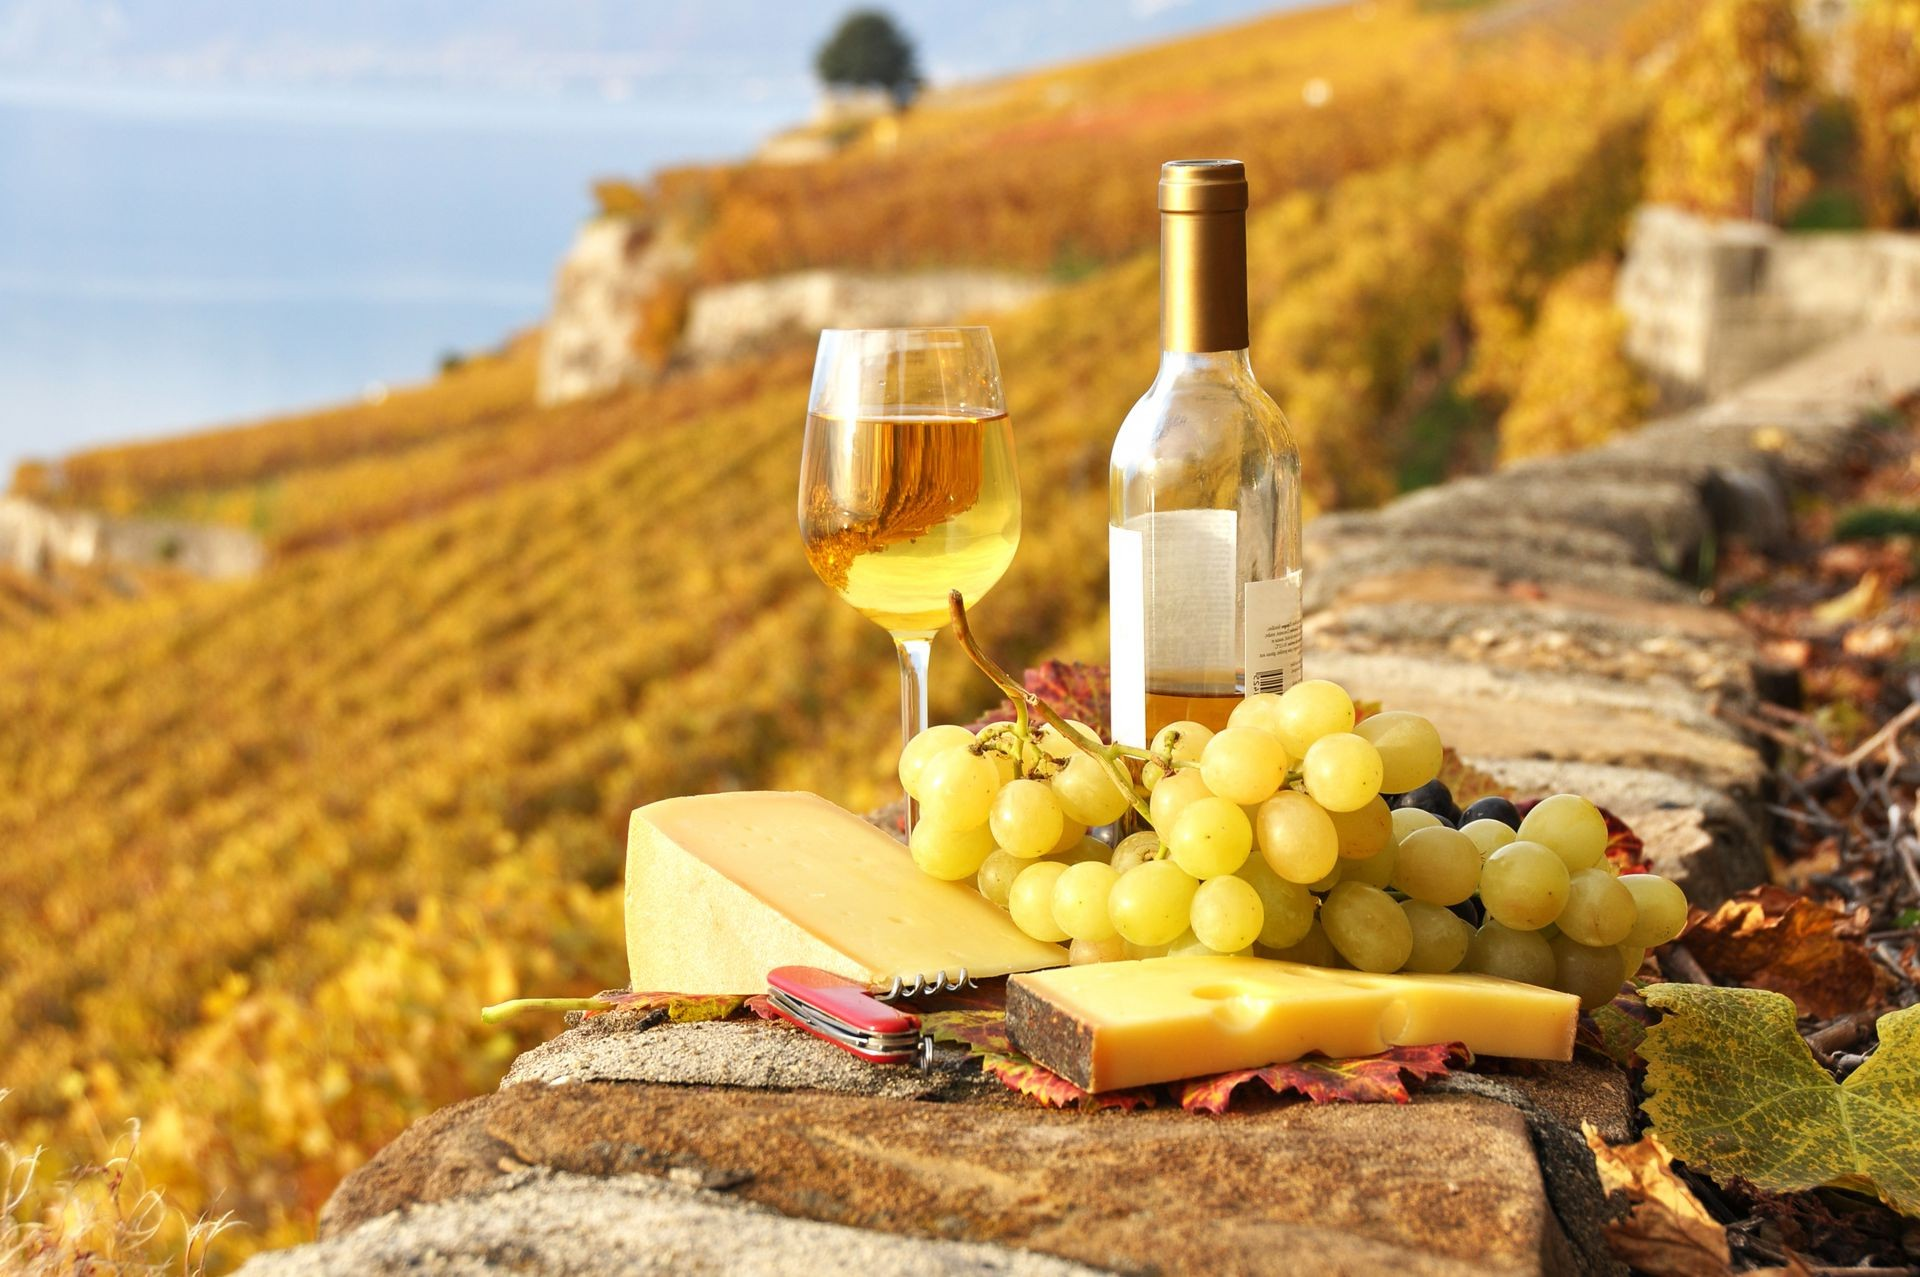 осень и вино картинки на рабочий стол бесплатно красивые картинки